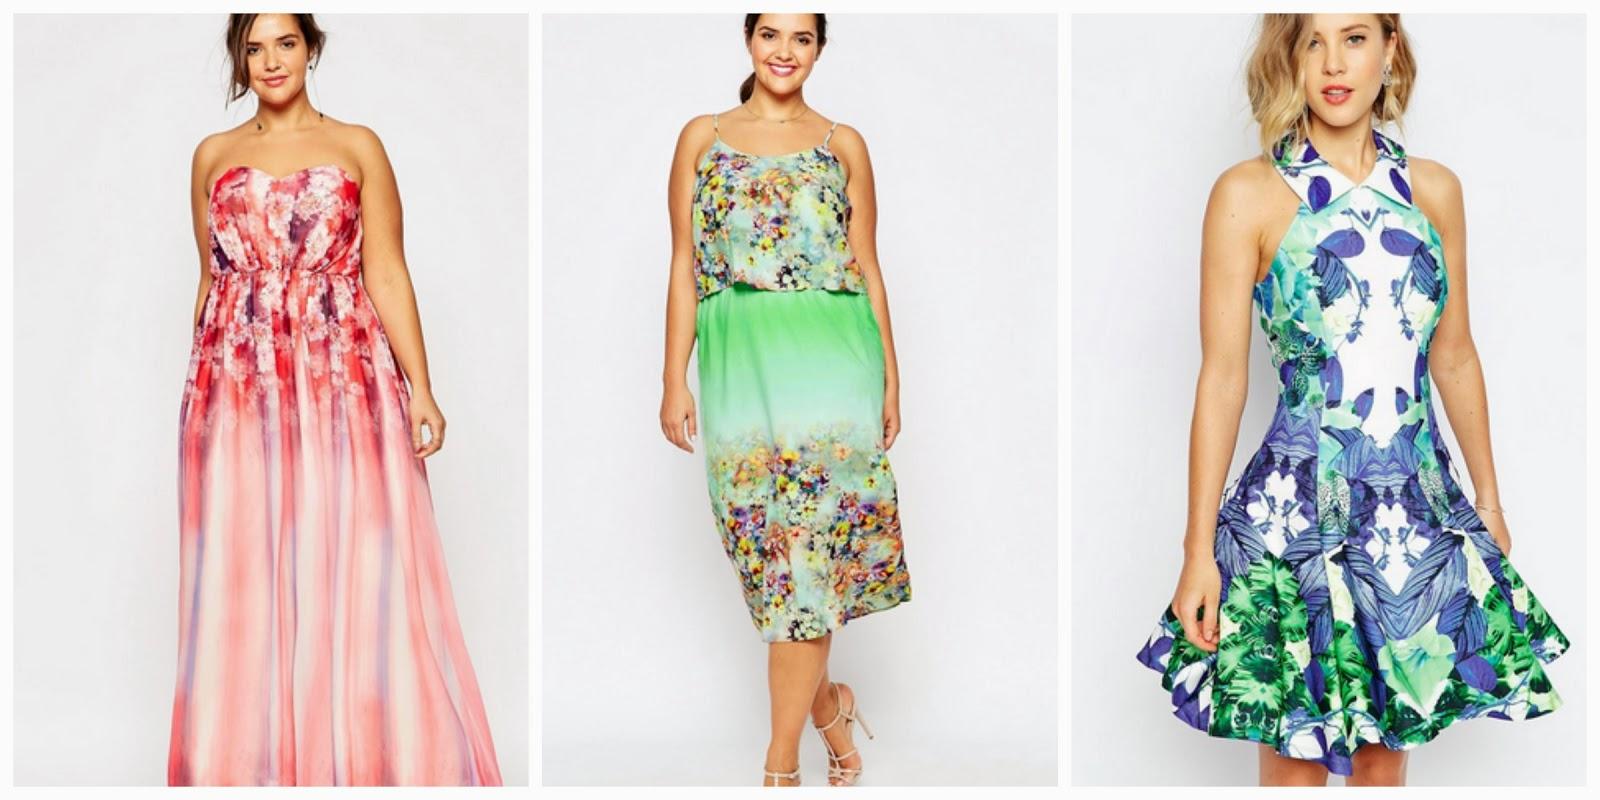 ASOS Floral Printed Dresses